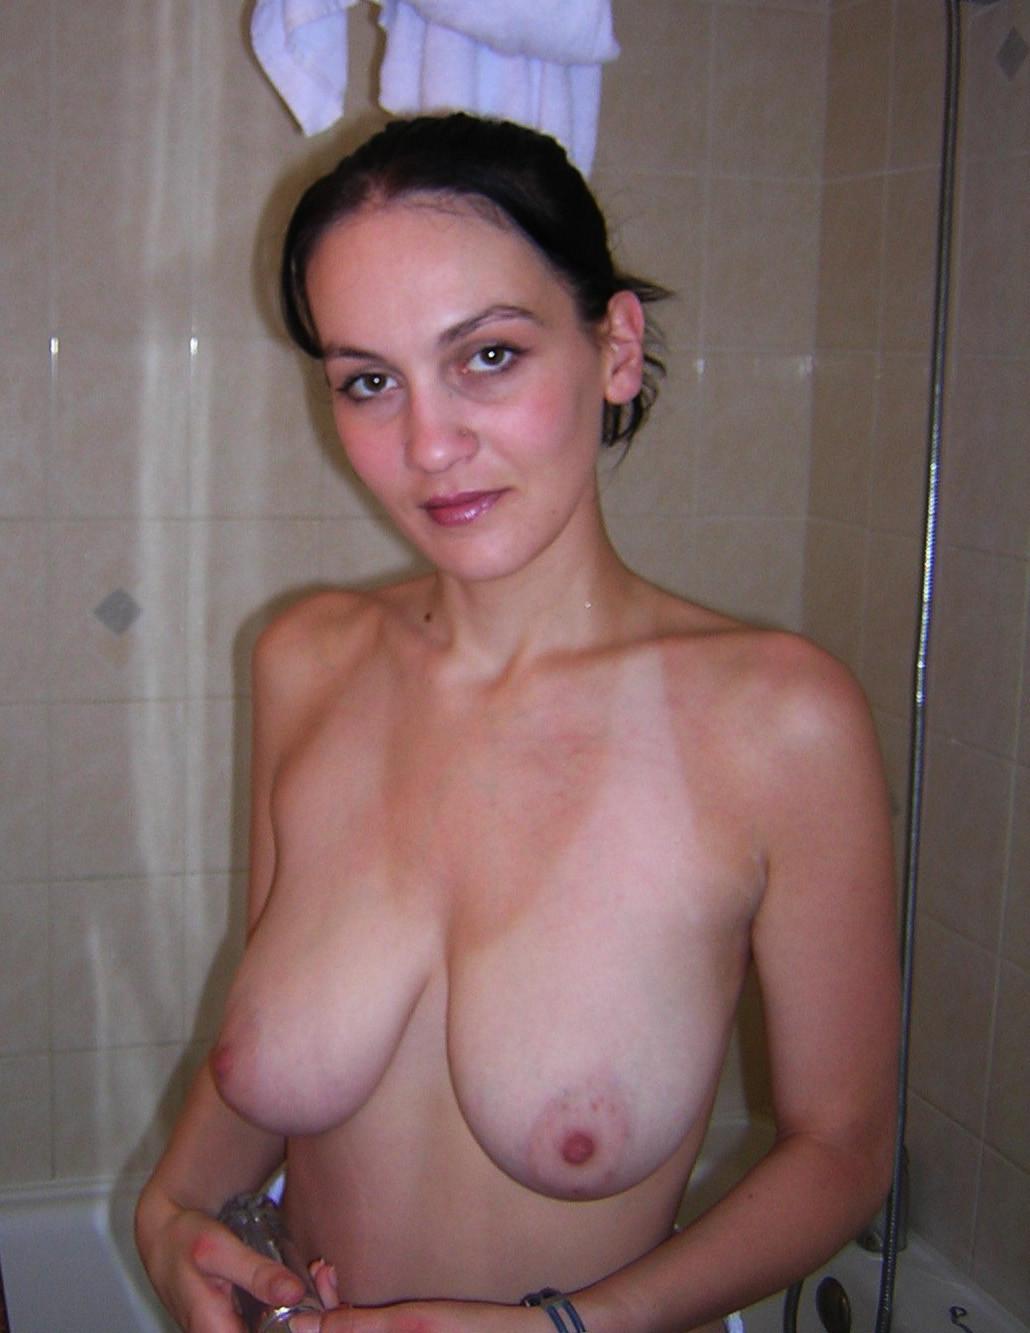 外国人人妻の巨乳垂れ乳おっぱいエロ画像31枚・16枚目の画像